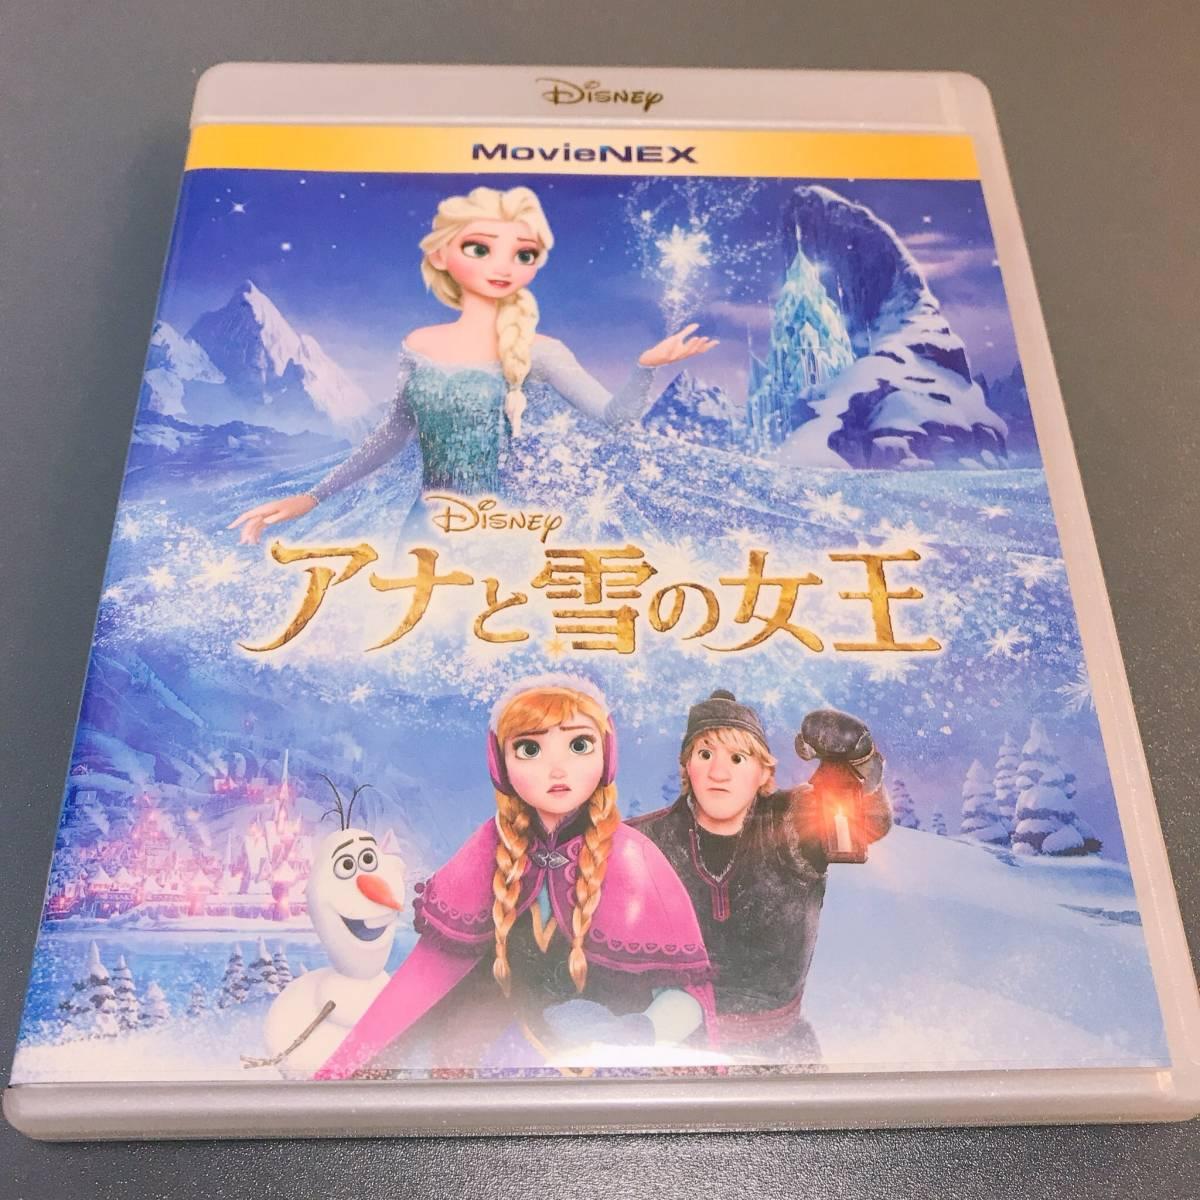 アナと雪の女王 DVD Blu-ray 2枚組 ディズニー 送料無料